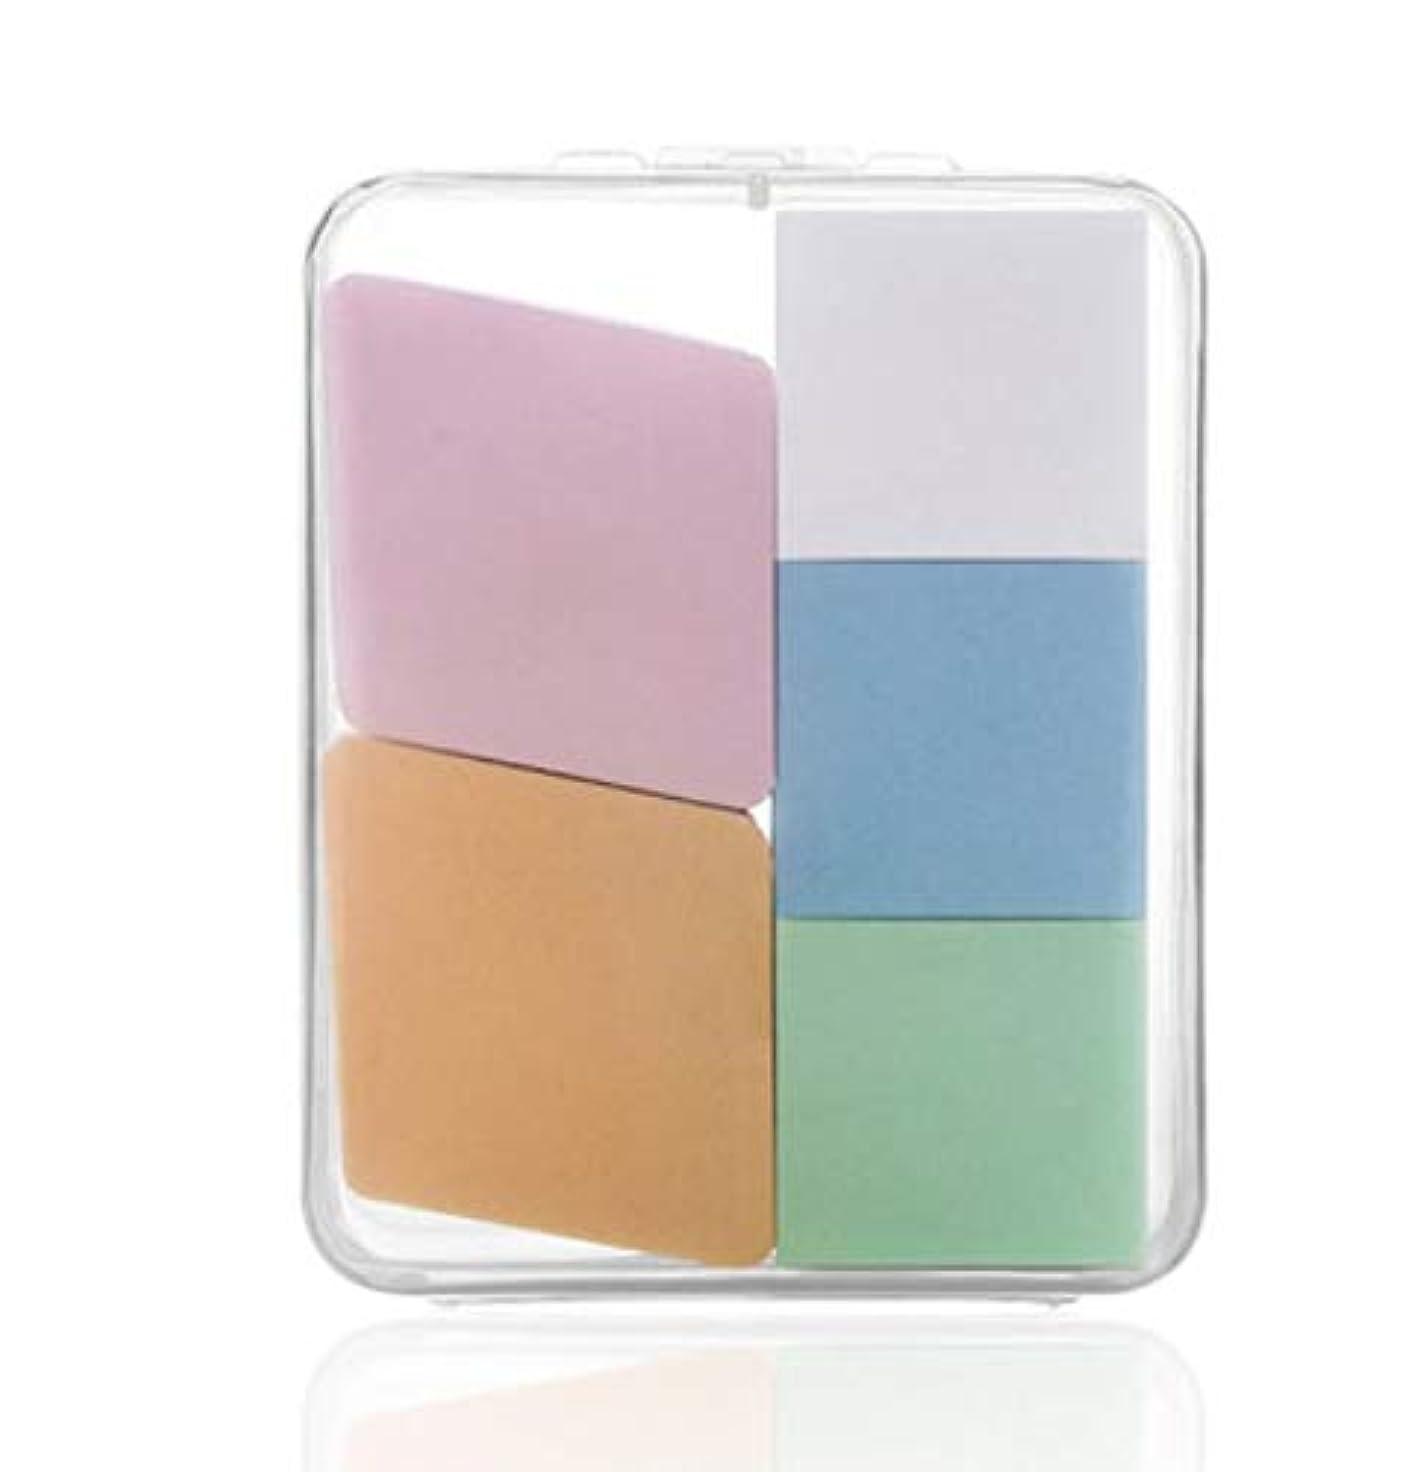 アライアンスレンチ静かに美容スポンジ、収納ボックス付きソフト化粧スポンジ美容メイク卵5パック